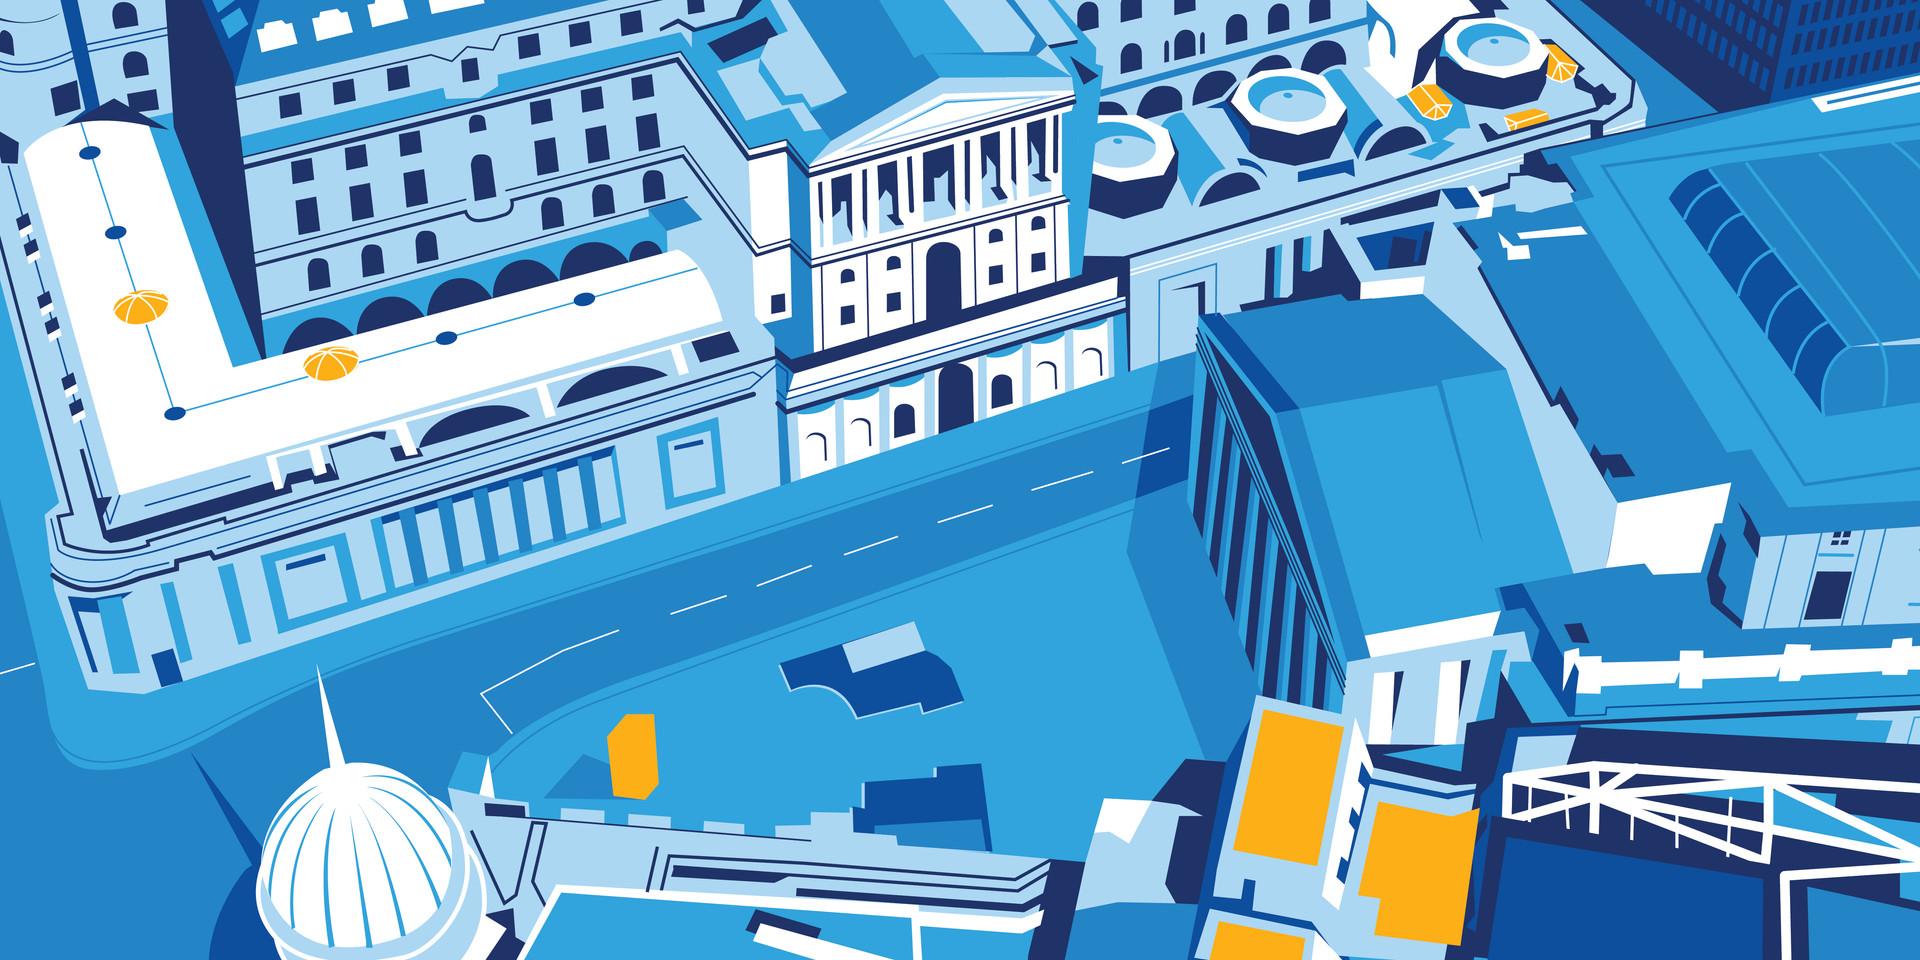 Sequel_WebImage_BankOfEngland.jpg